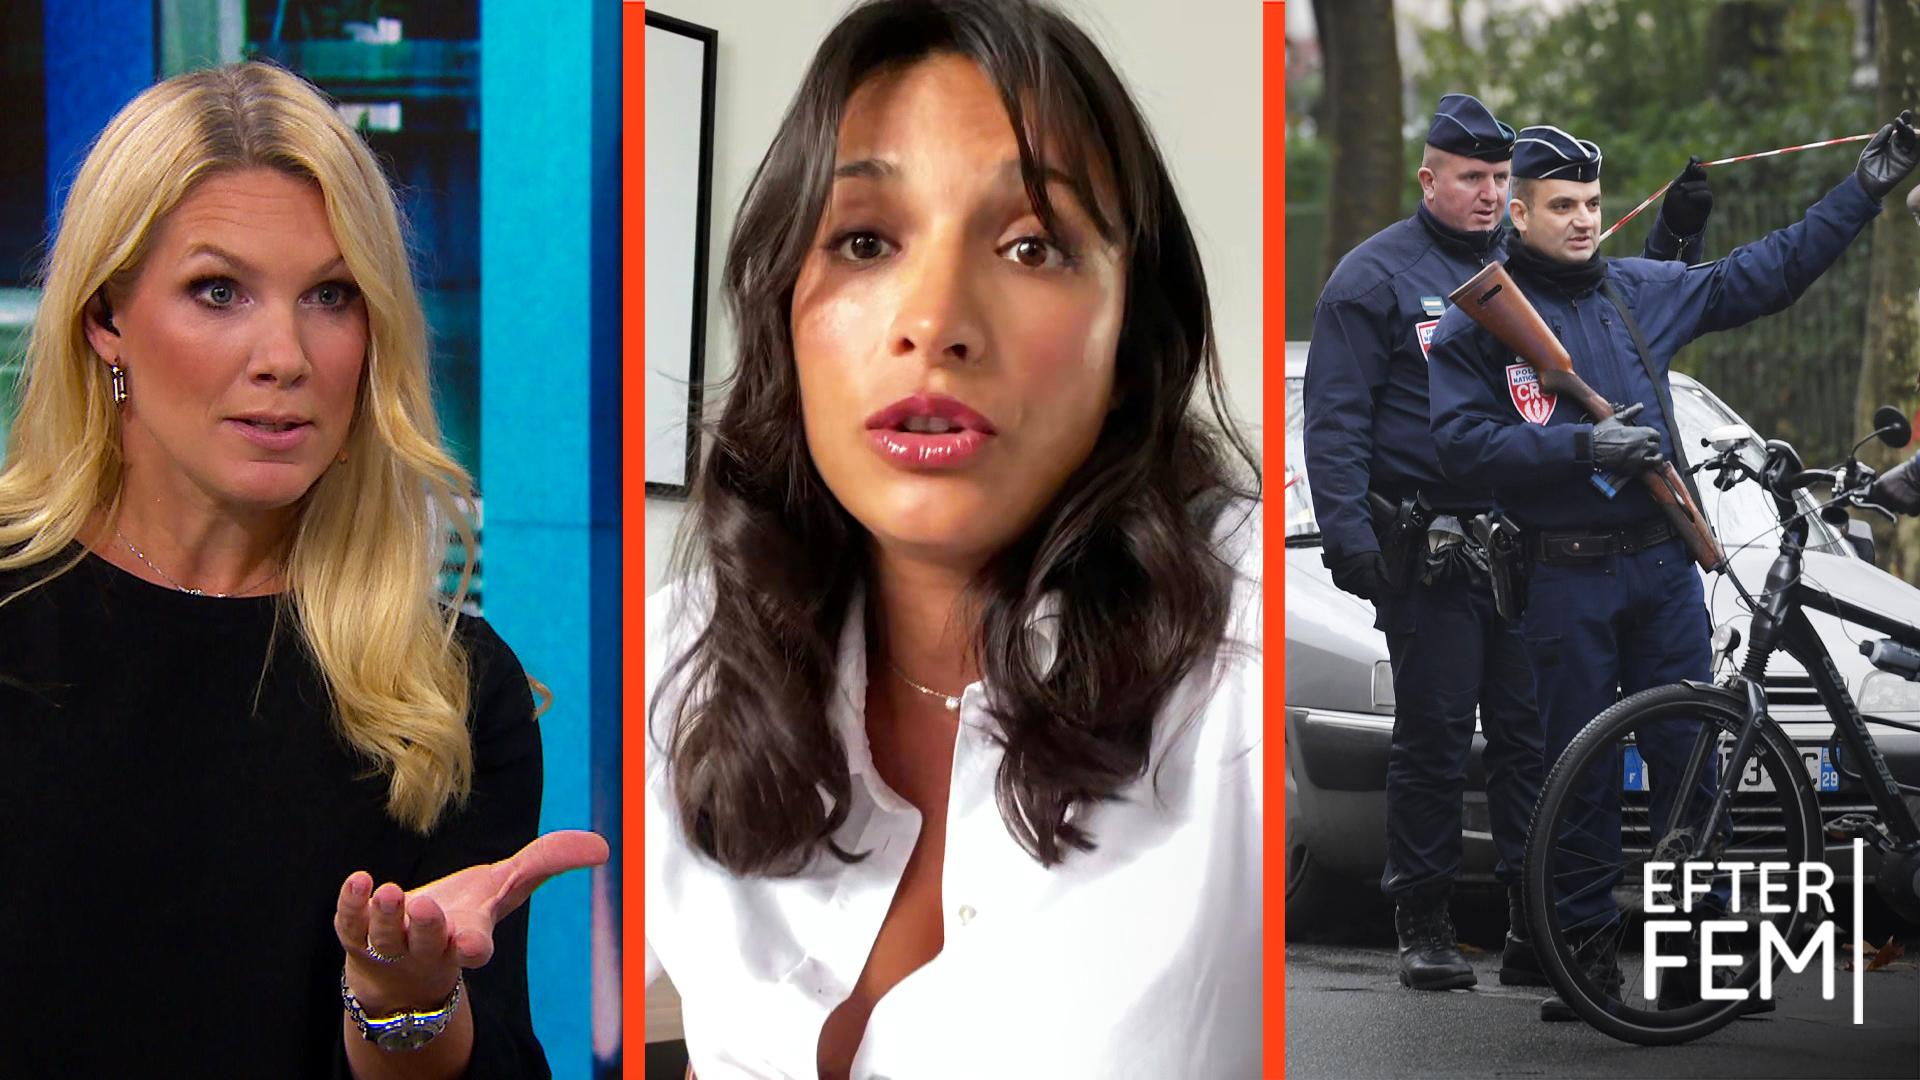 """Svenska Diana i Frankrike: """"Beväpnad polis och militär går runt och kollar alla"""""""